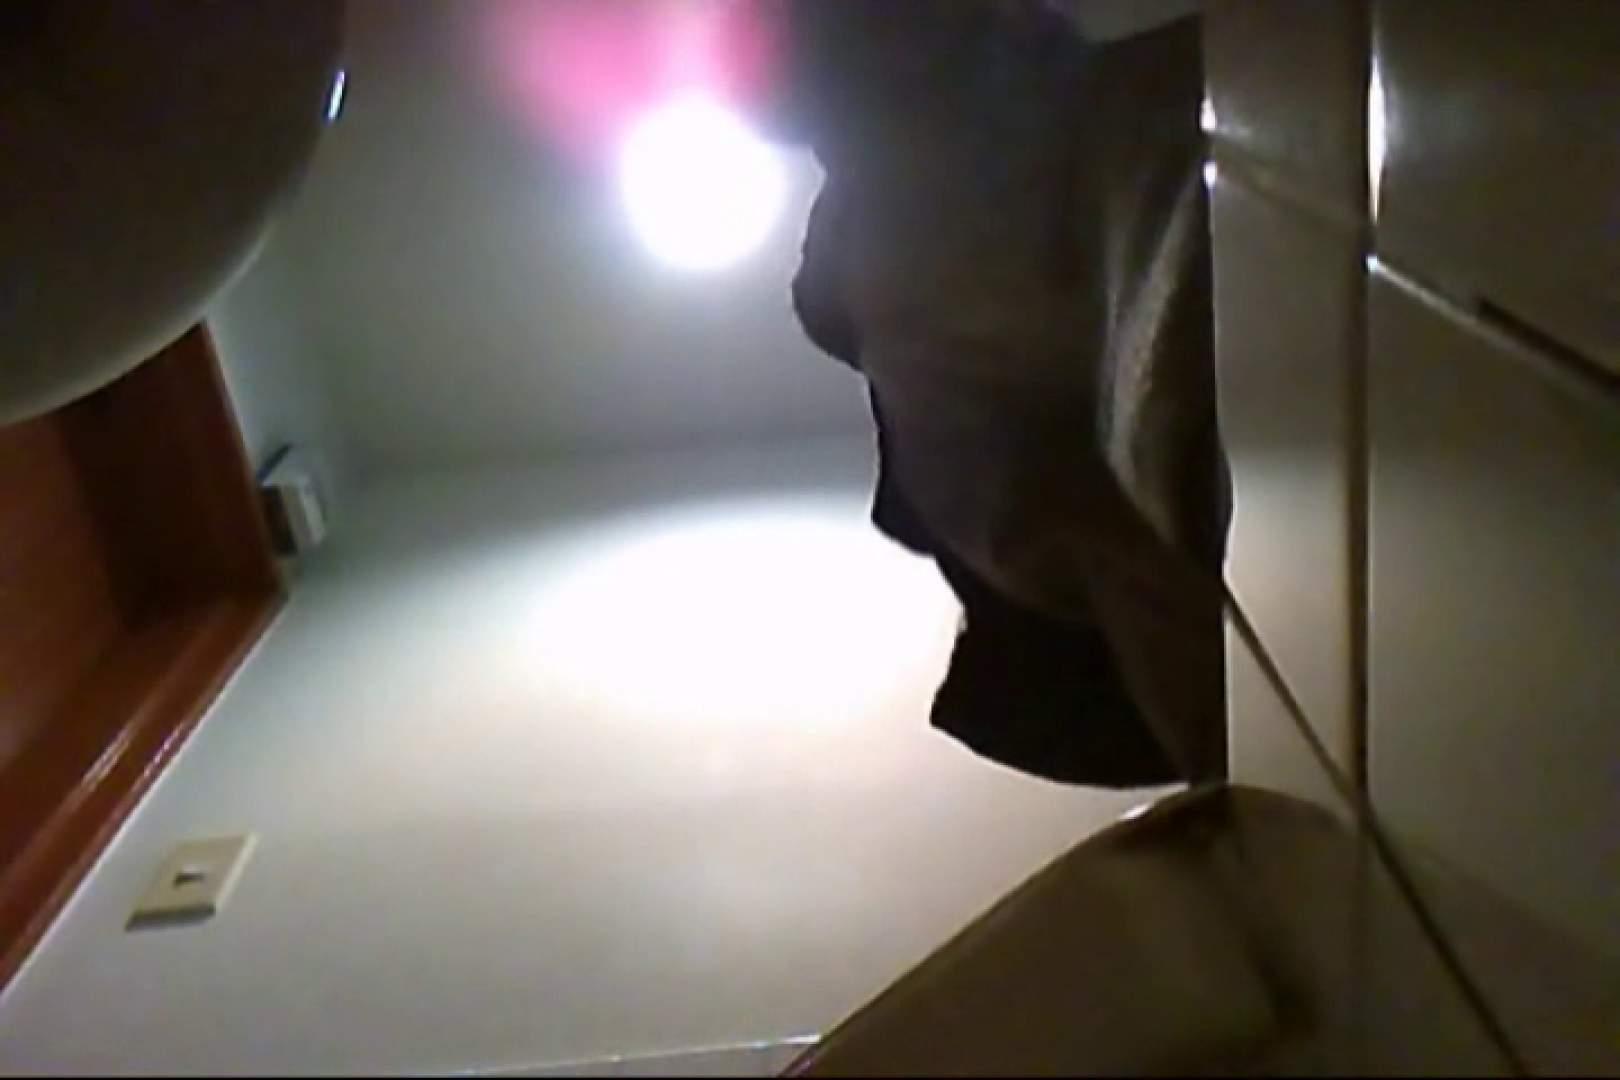 Gボーイ初投稿!掴み取りさんの洗面所覗き!in新幹線!VOL.16 完全無修正でお届け | おやじ熊系ボーイズ  77pic 3